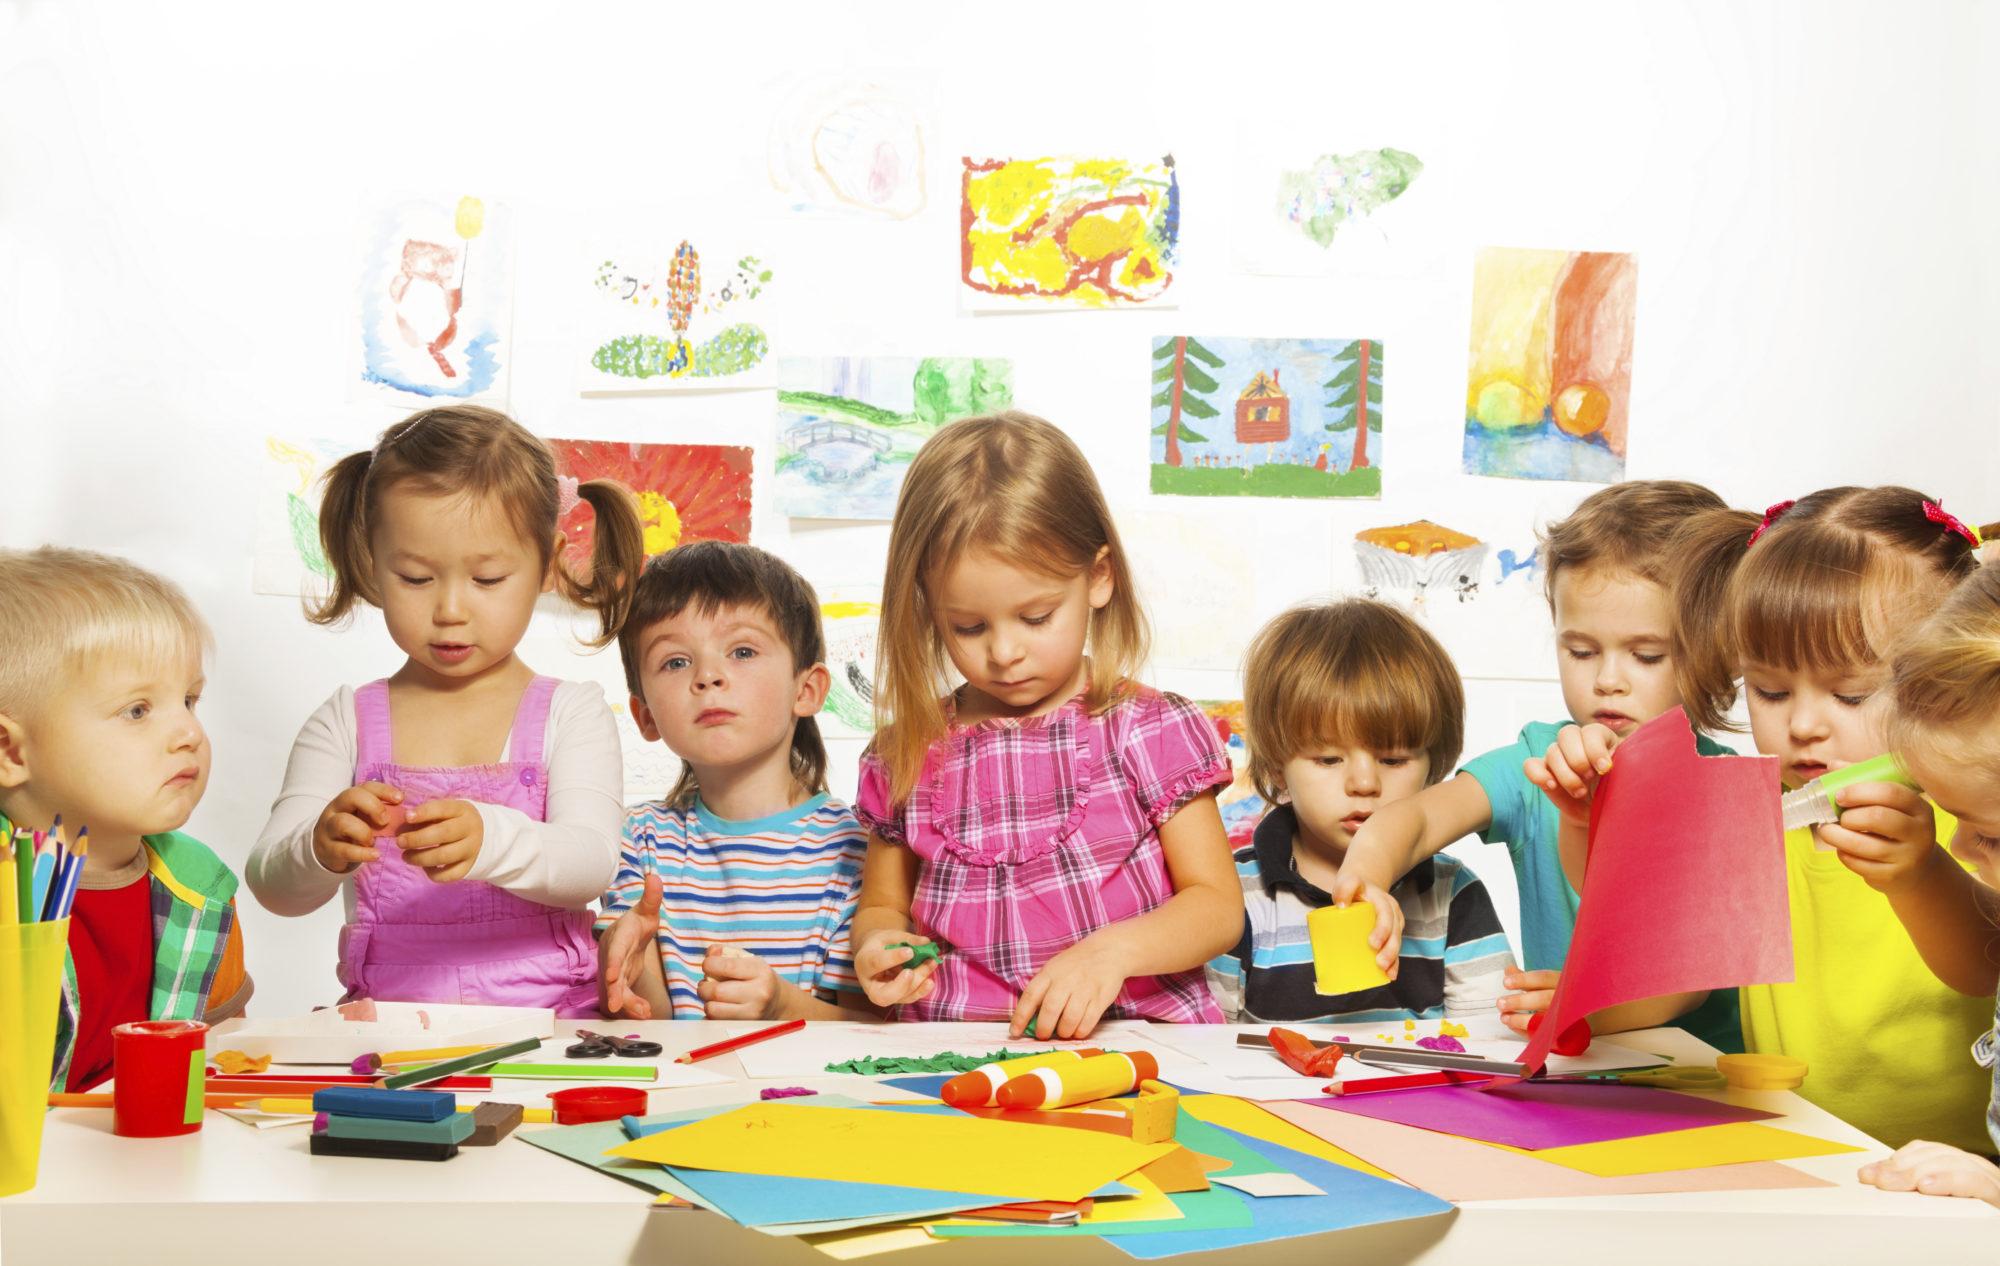 iStock_kindergarten-kids-arts-and-crafts_Purchased-19092014-2000x1266 Влітку у зв'язку з ремонтом деякі білоцерківські дитсадки будуть закриті